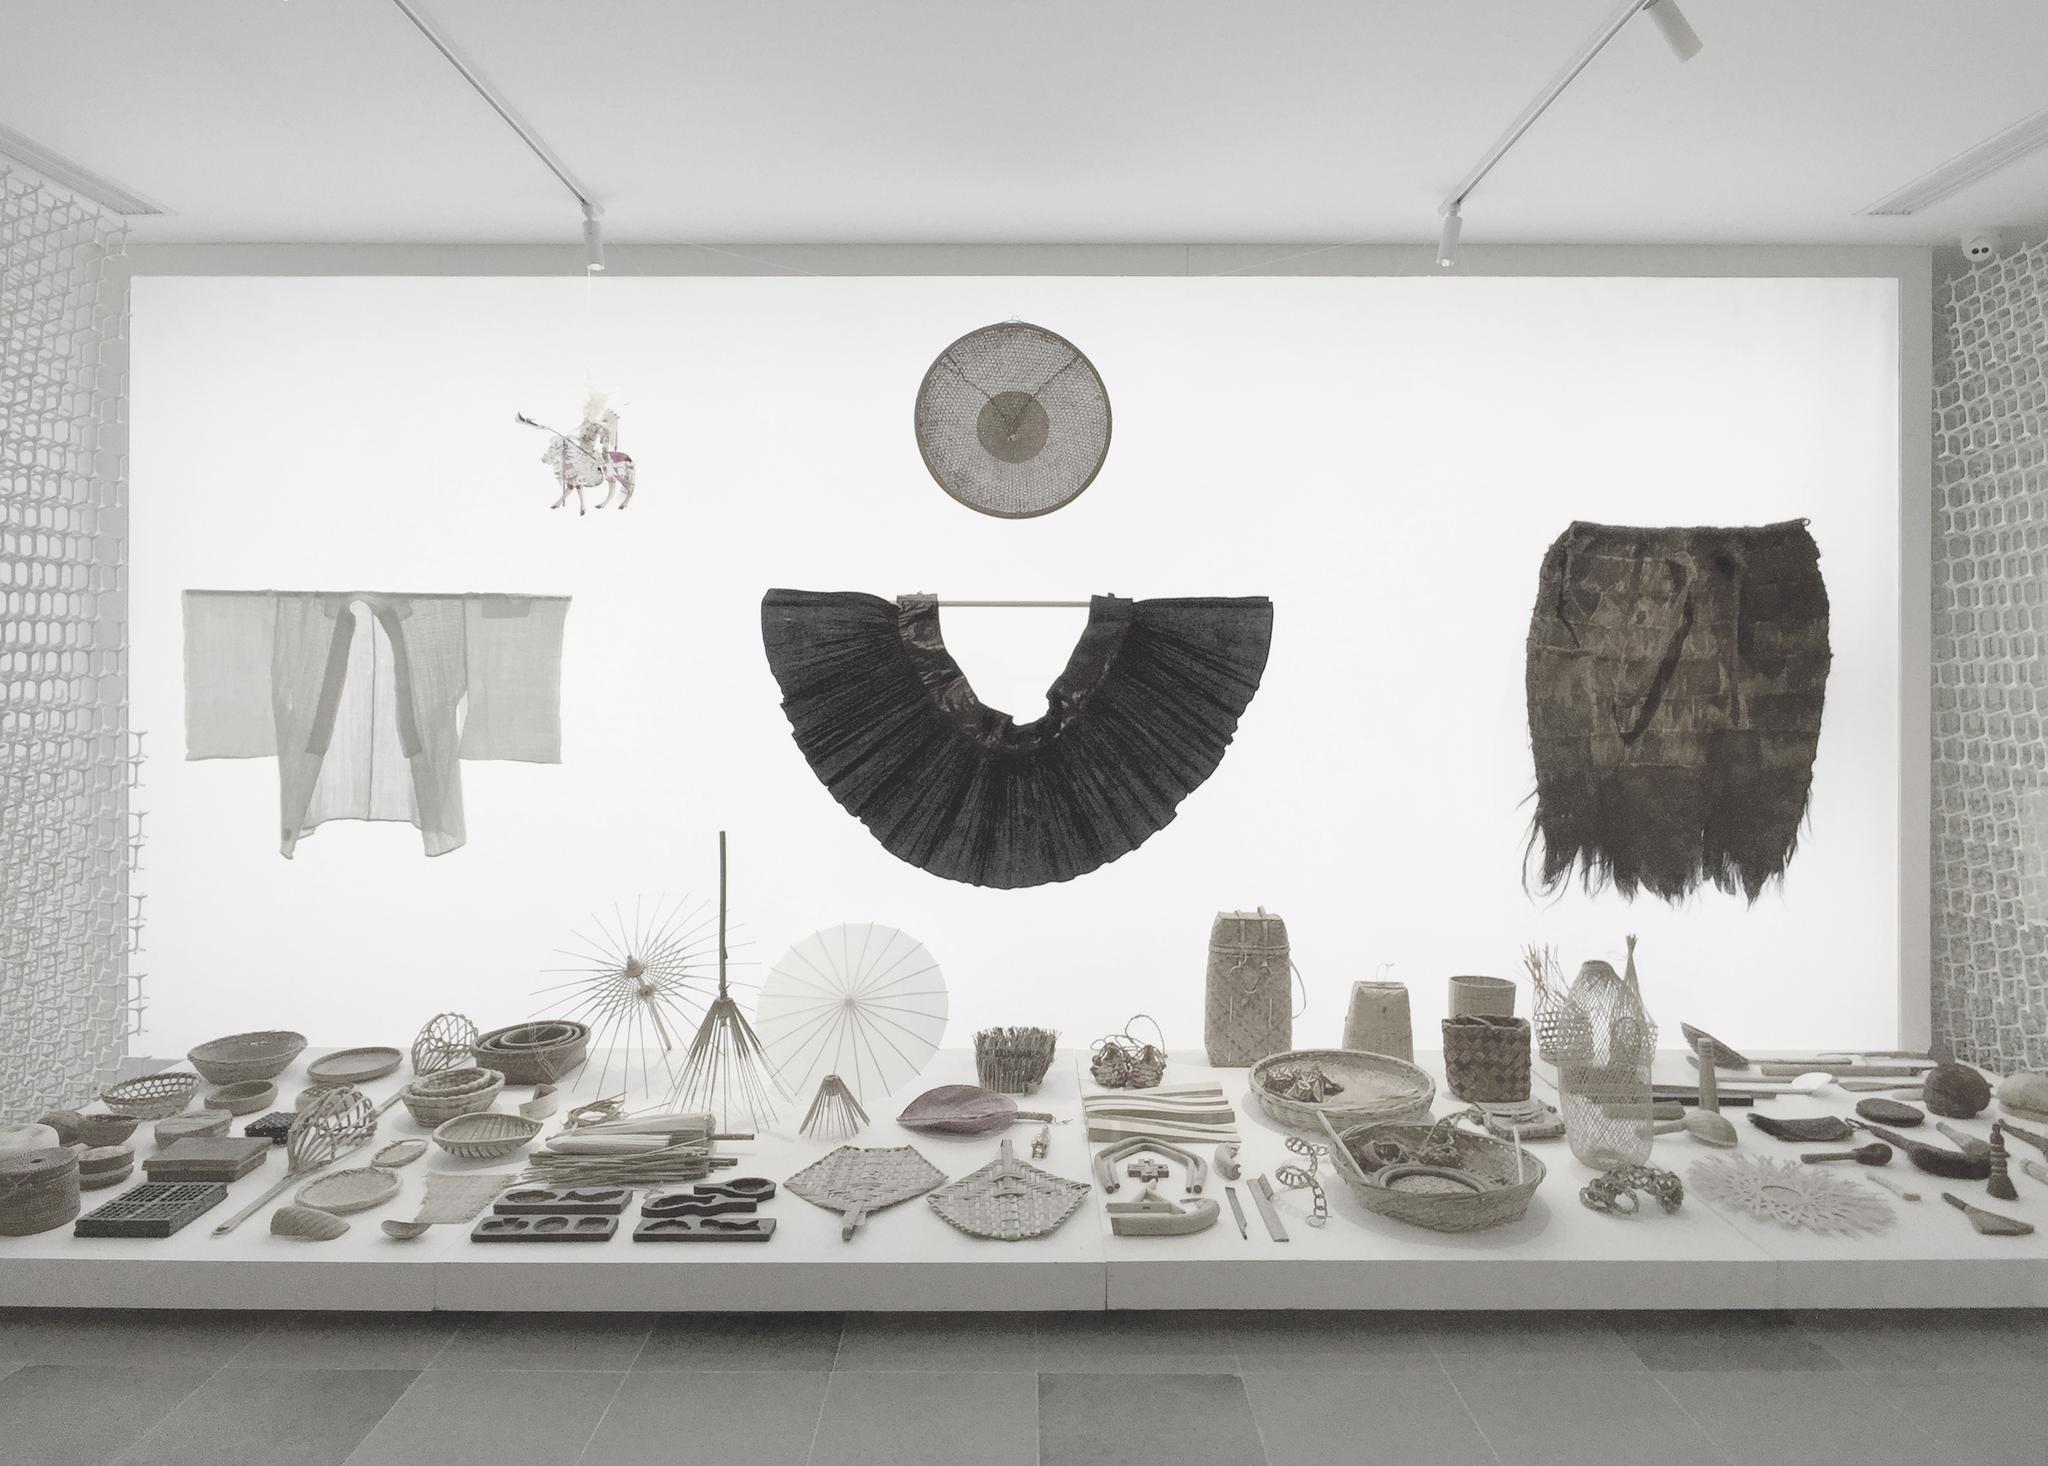 杨明洁设计作品:苏州羊舍造物博物馆 2017年